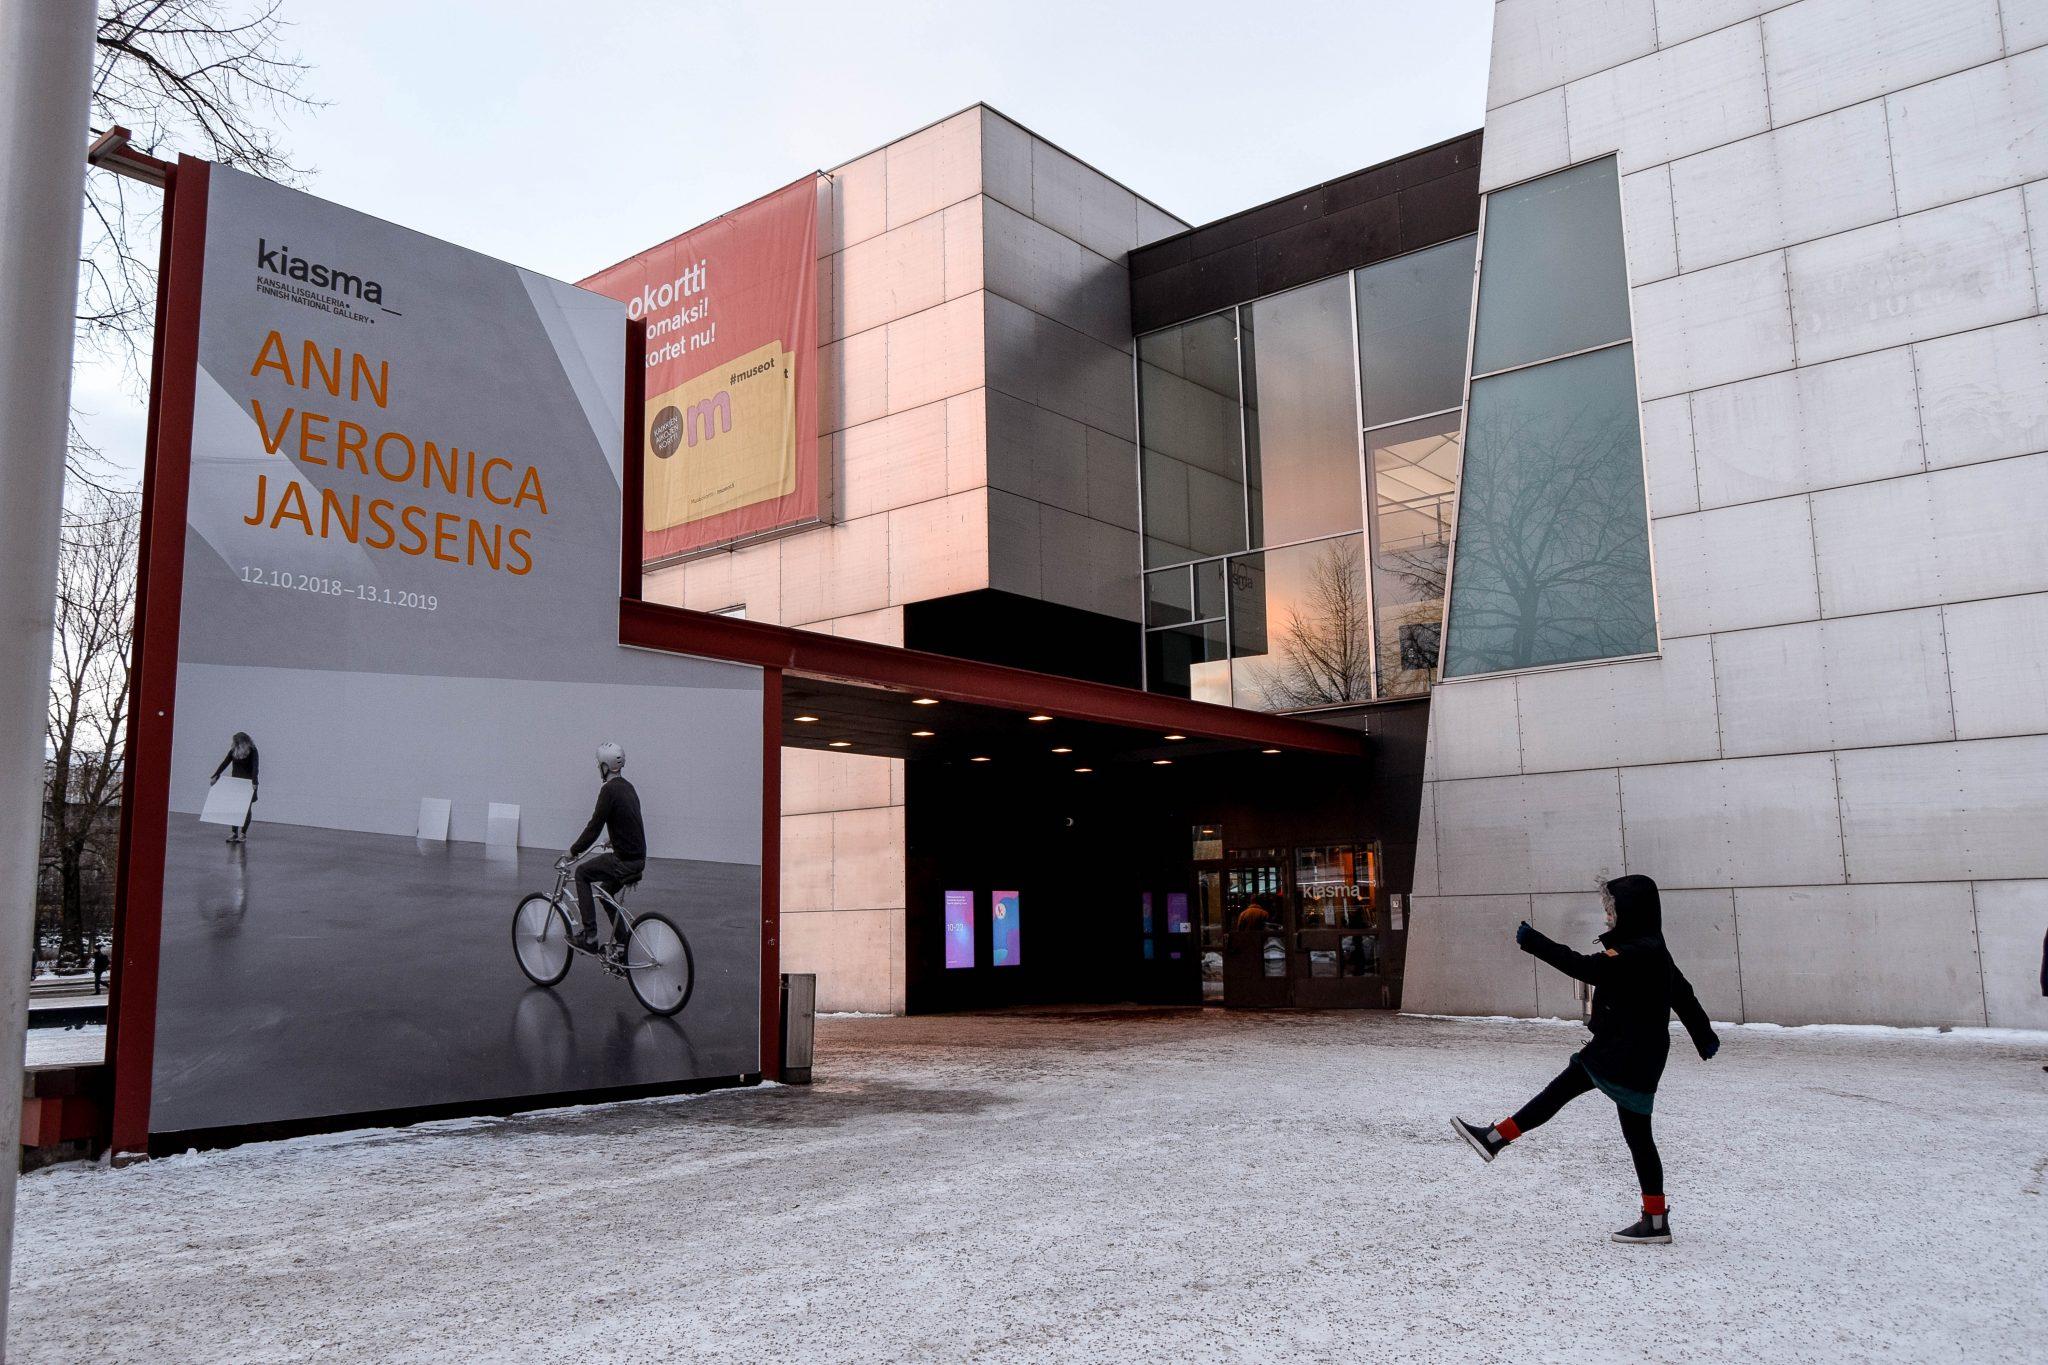 Best Museums In Helsinki Museums - Kiasma Museum Helsinki Finland